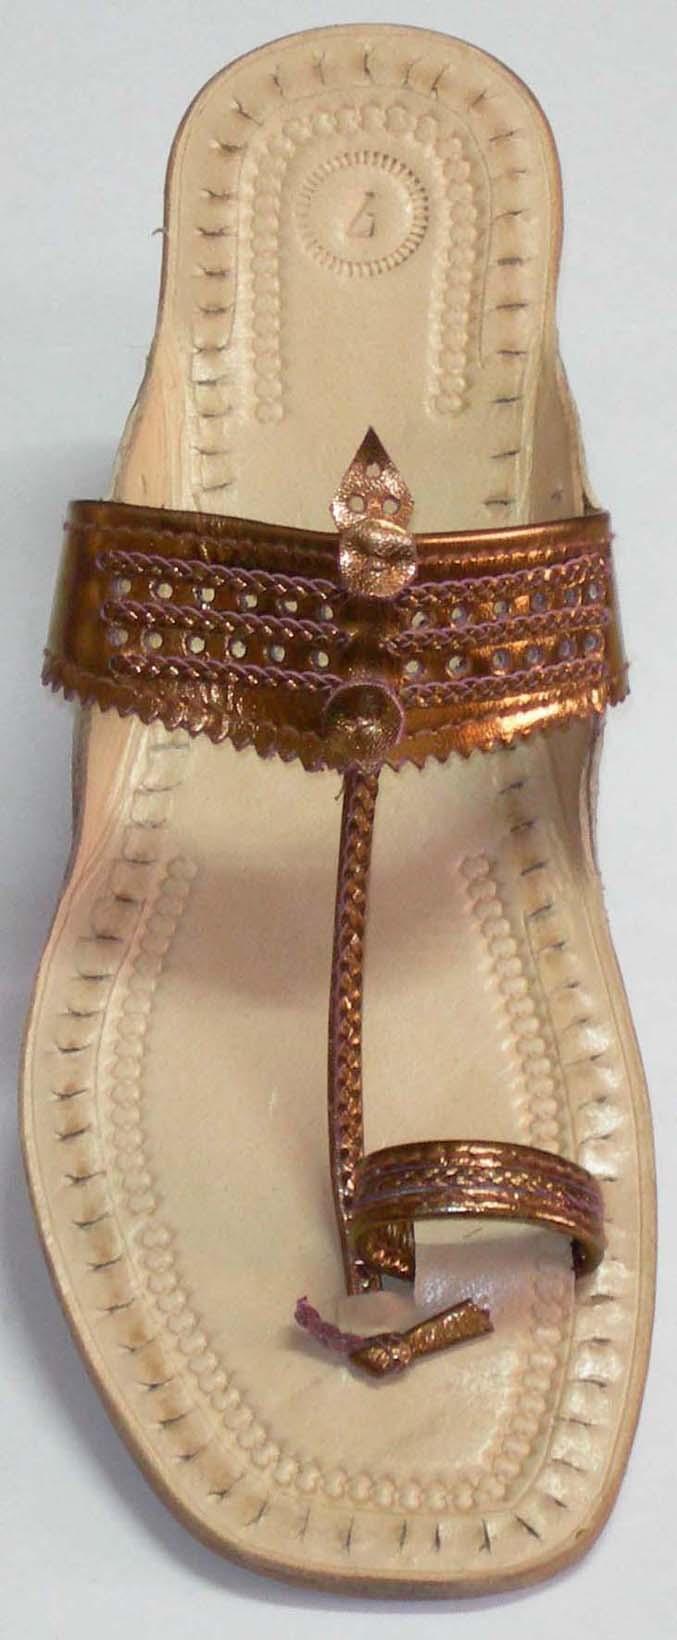 kolhapuri sandals in bangalore dating